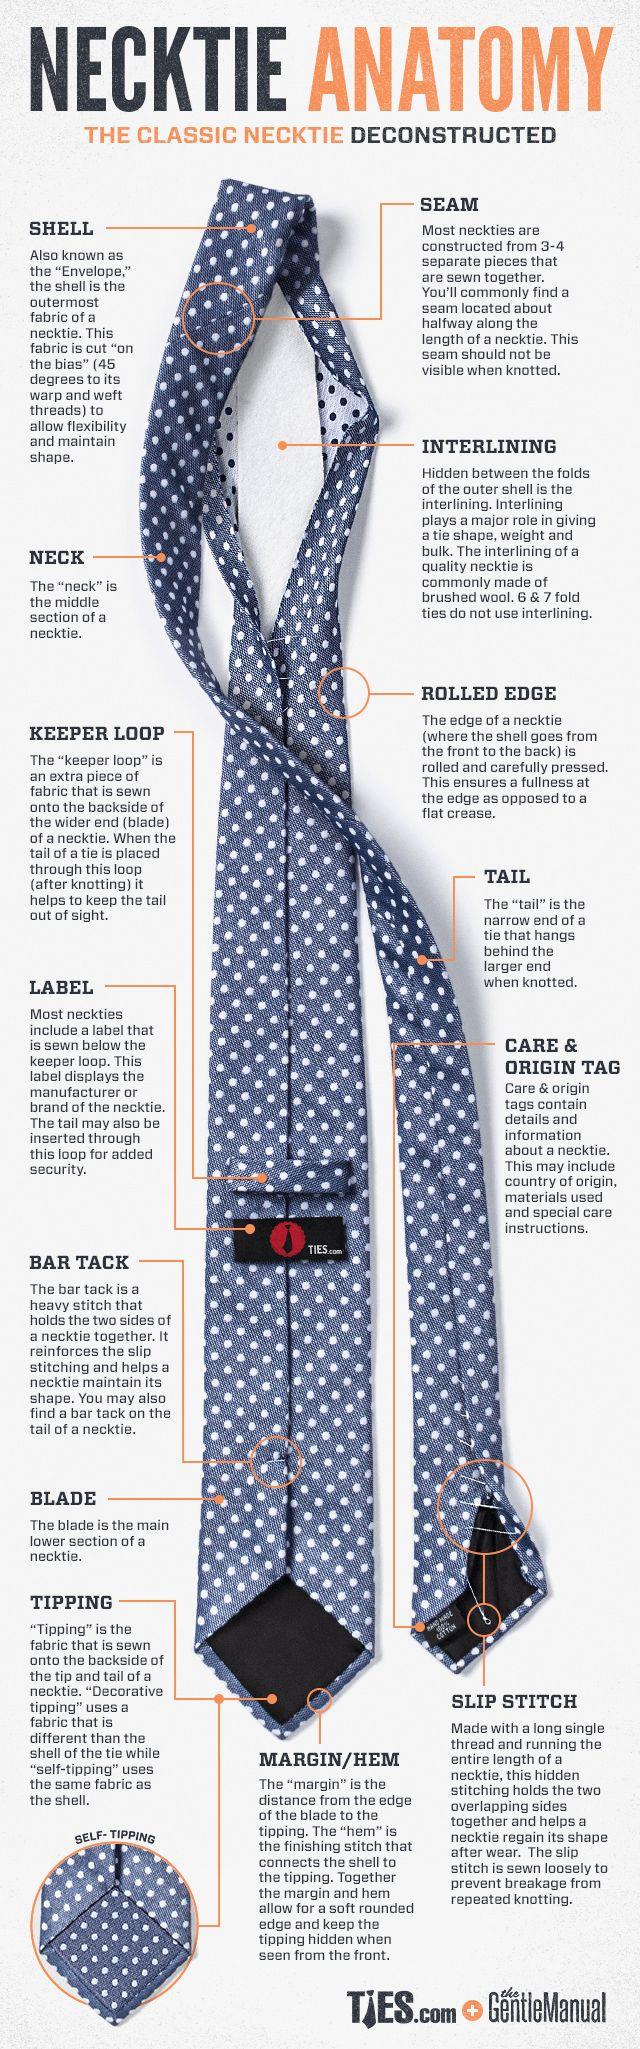 [Infographic] Necktie Anatomy